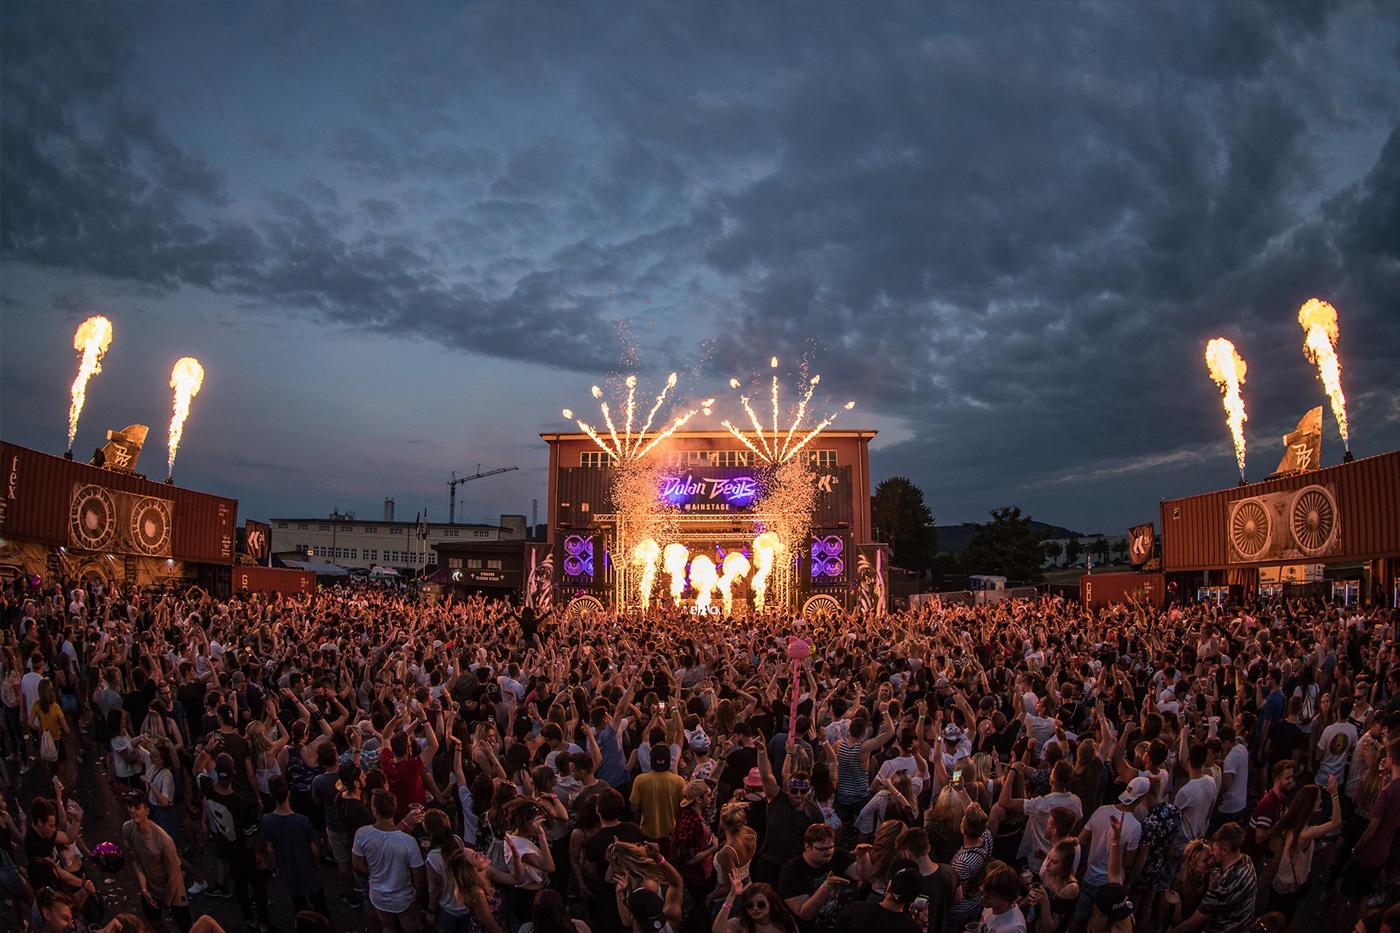 Dolan Beats Festival 2020 schwäbisch hall